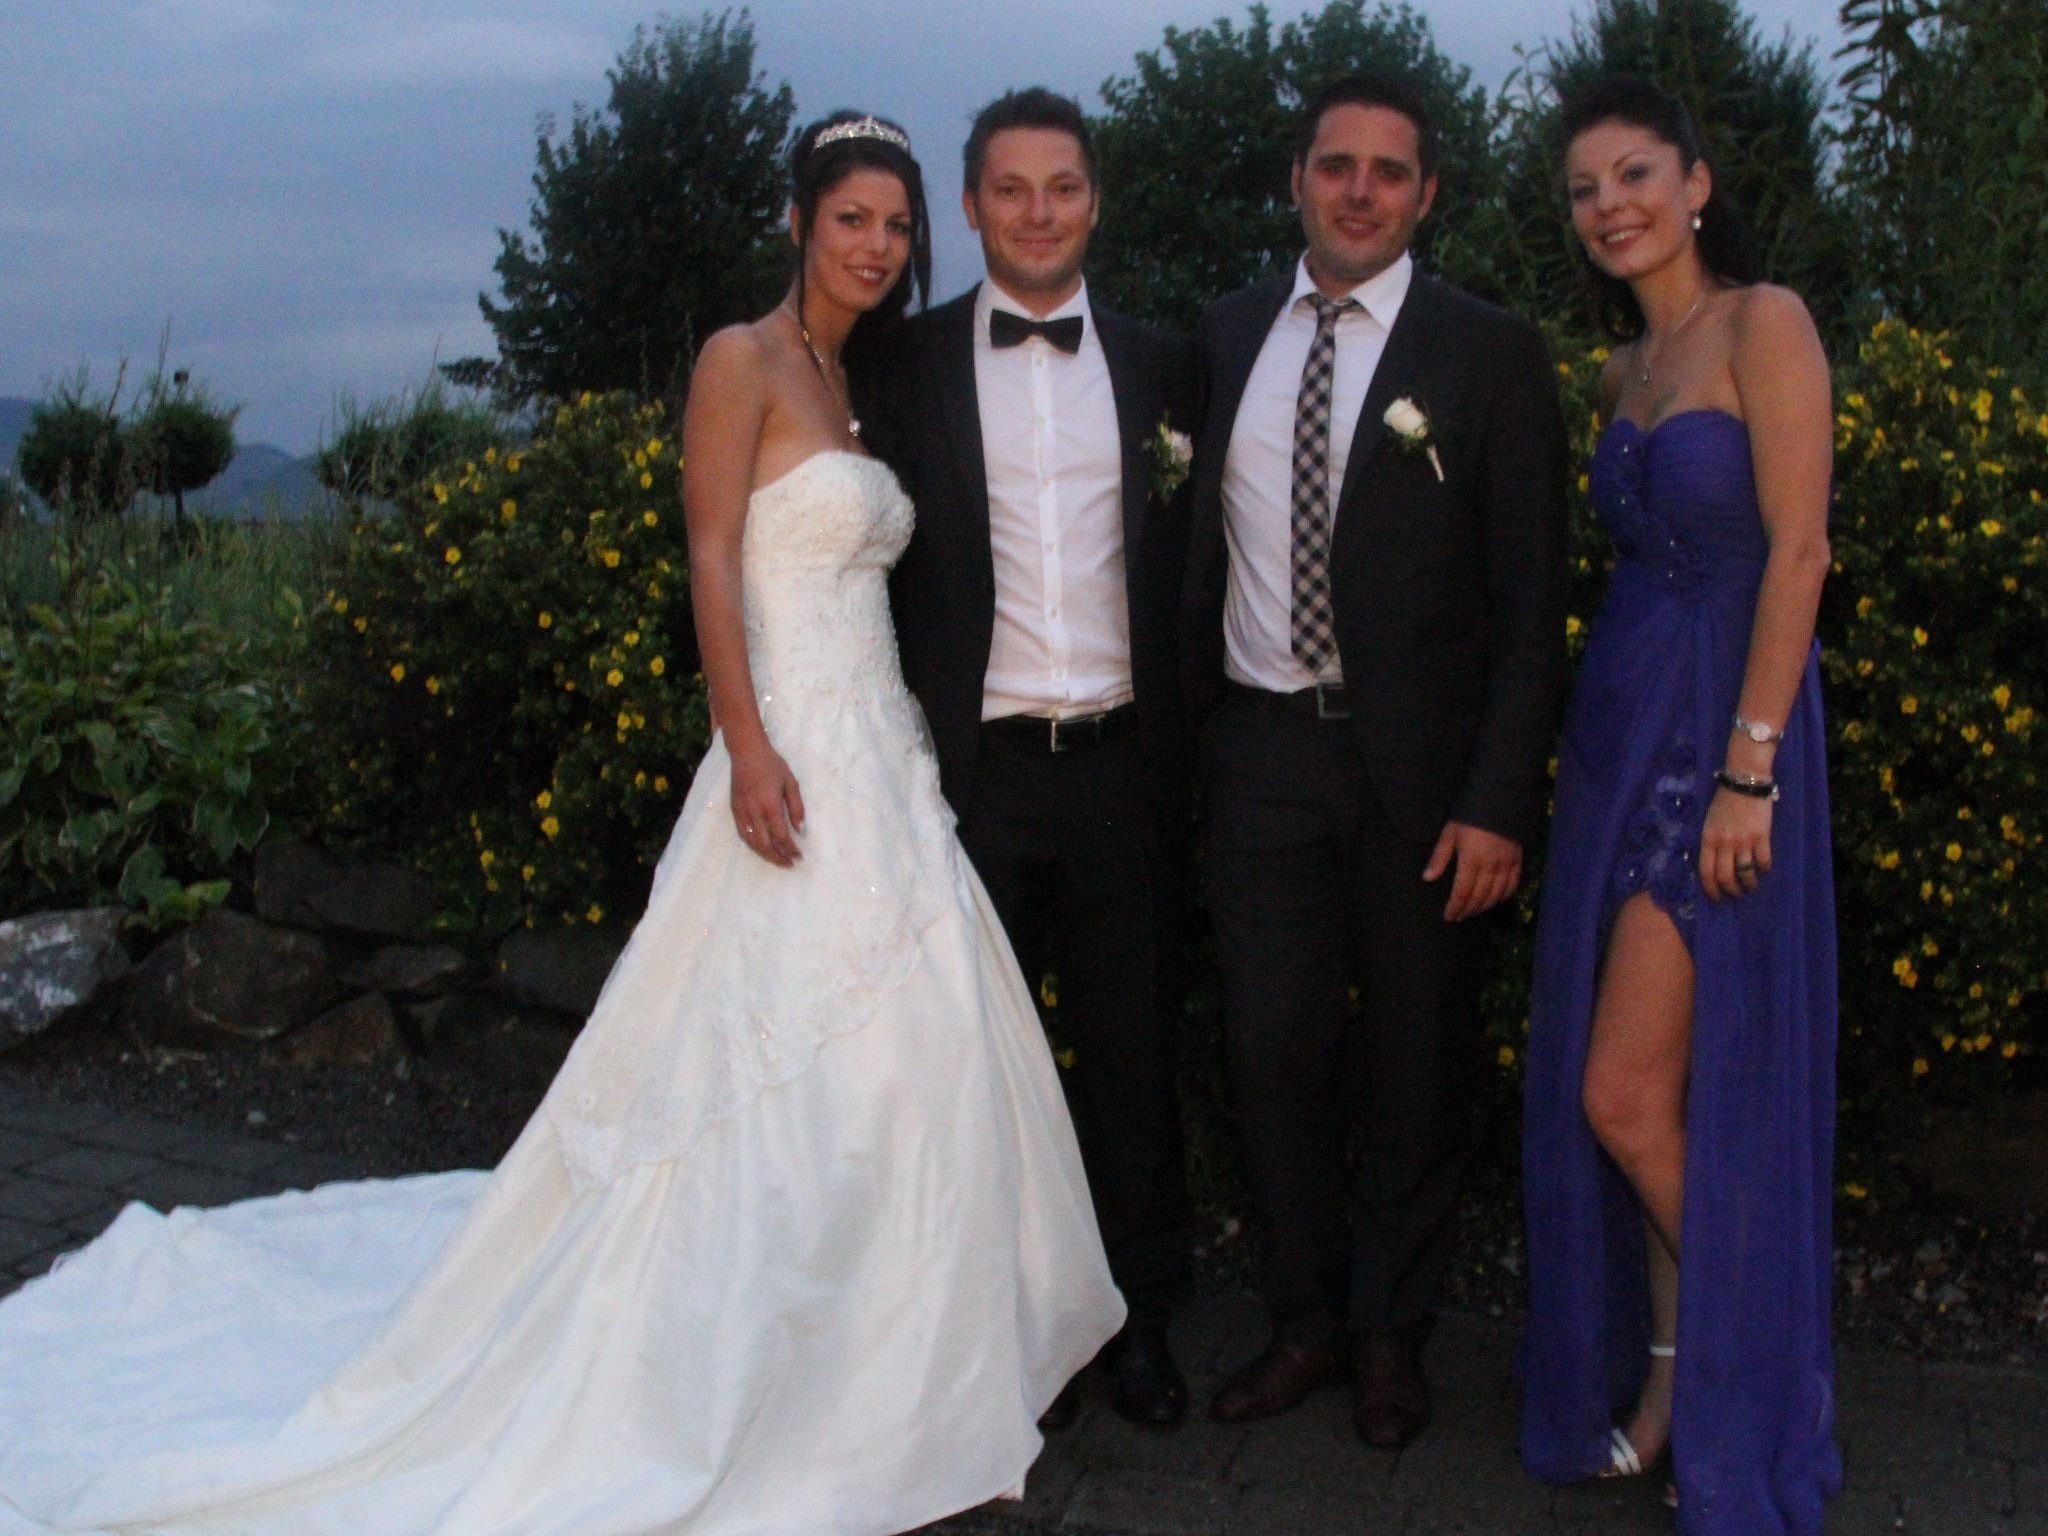 Tanja und Michael Keckeis haben geheiratet.